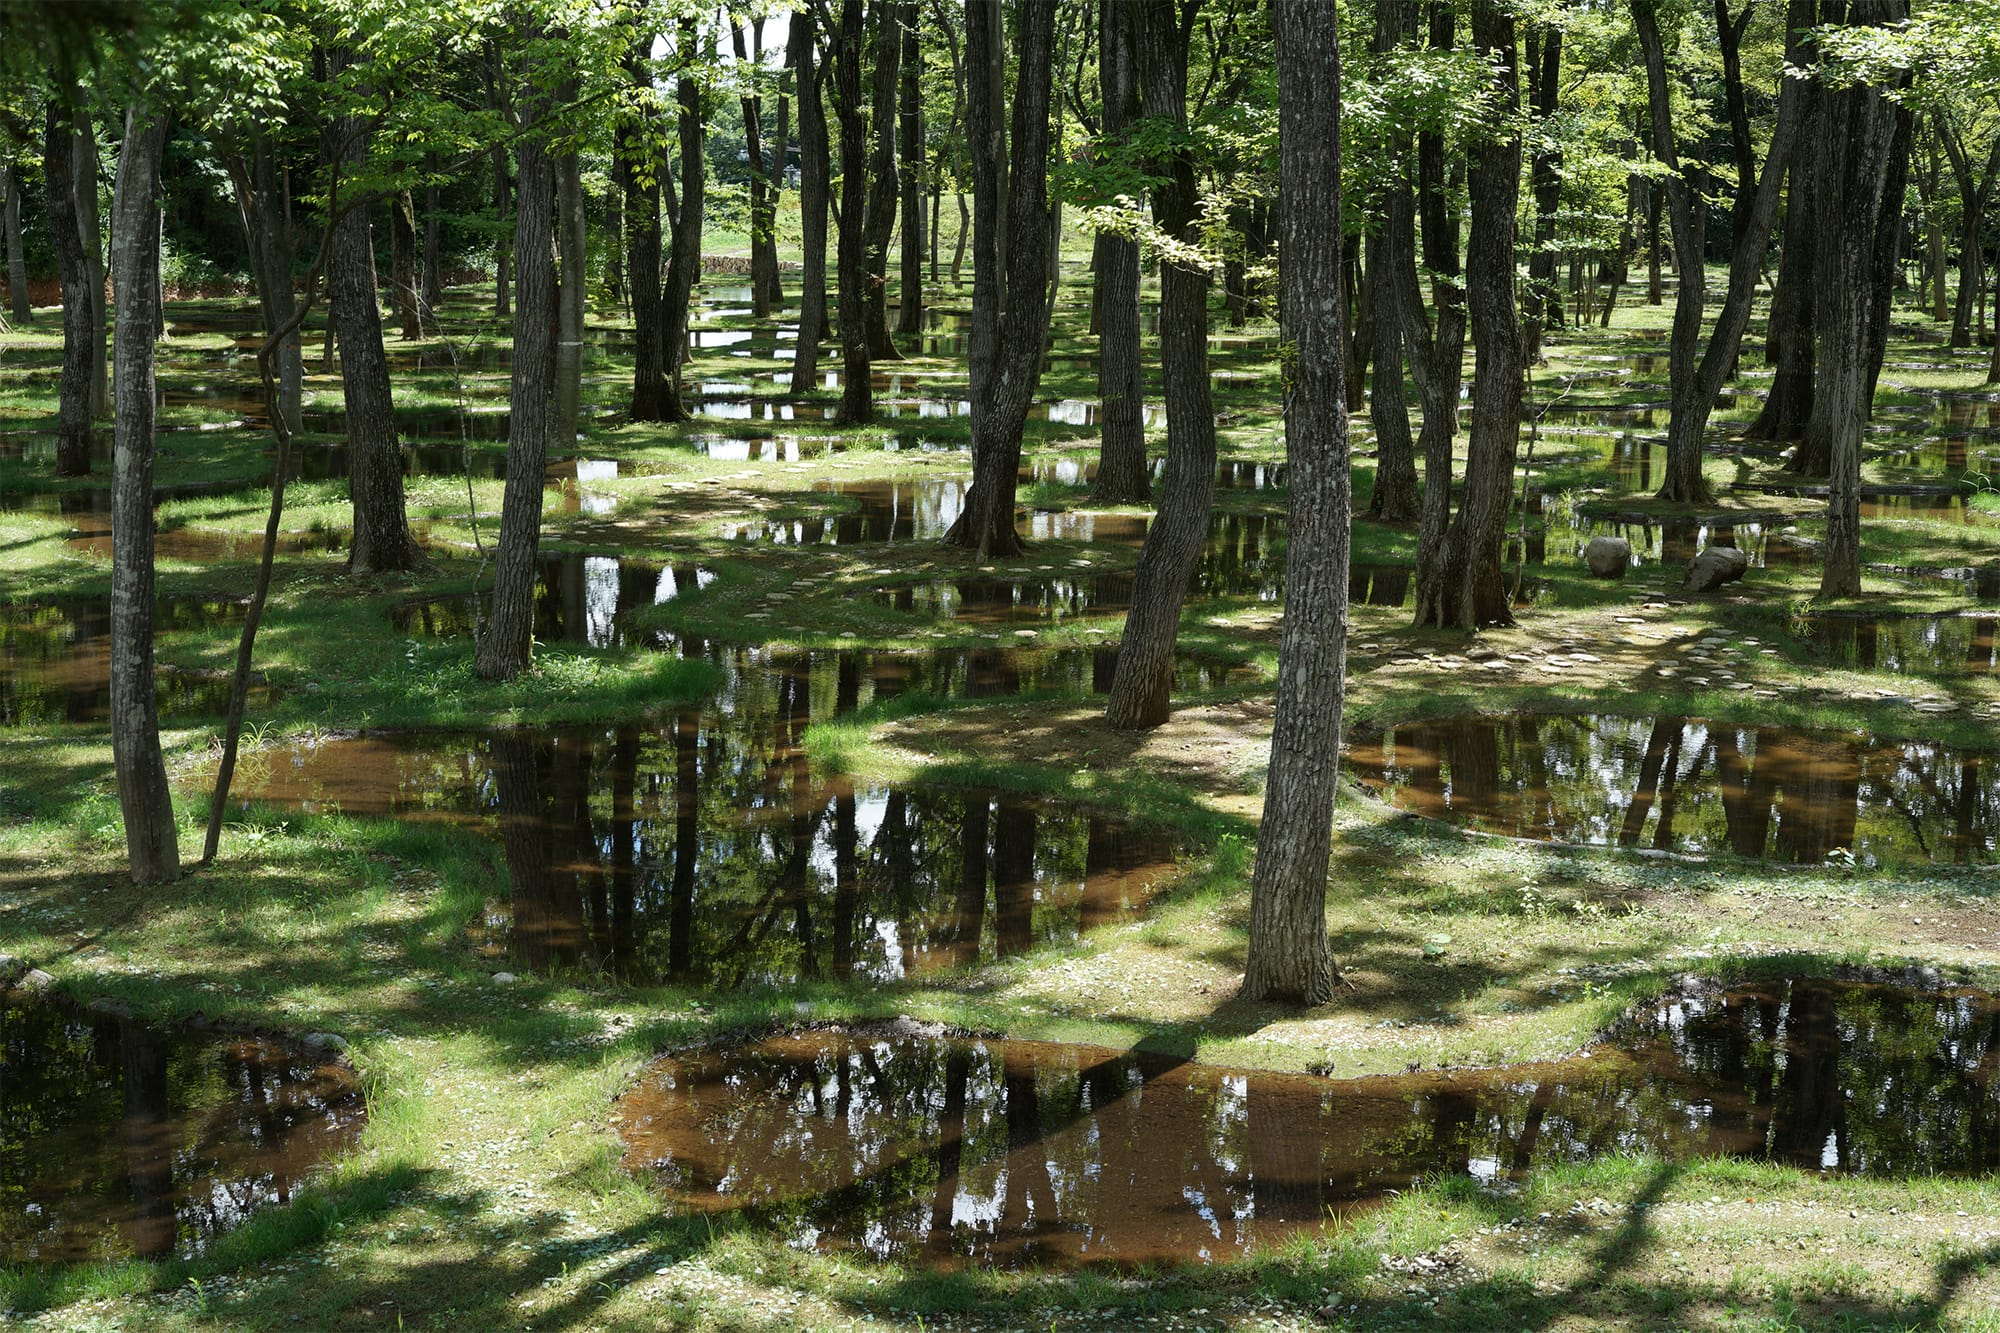 アートビオトープ那須にある「水庭」。木々のすき間から空が浮かび、水には木漏れ日が注ぐ。